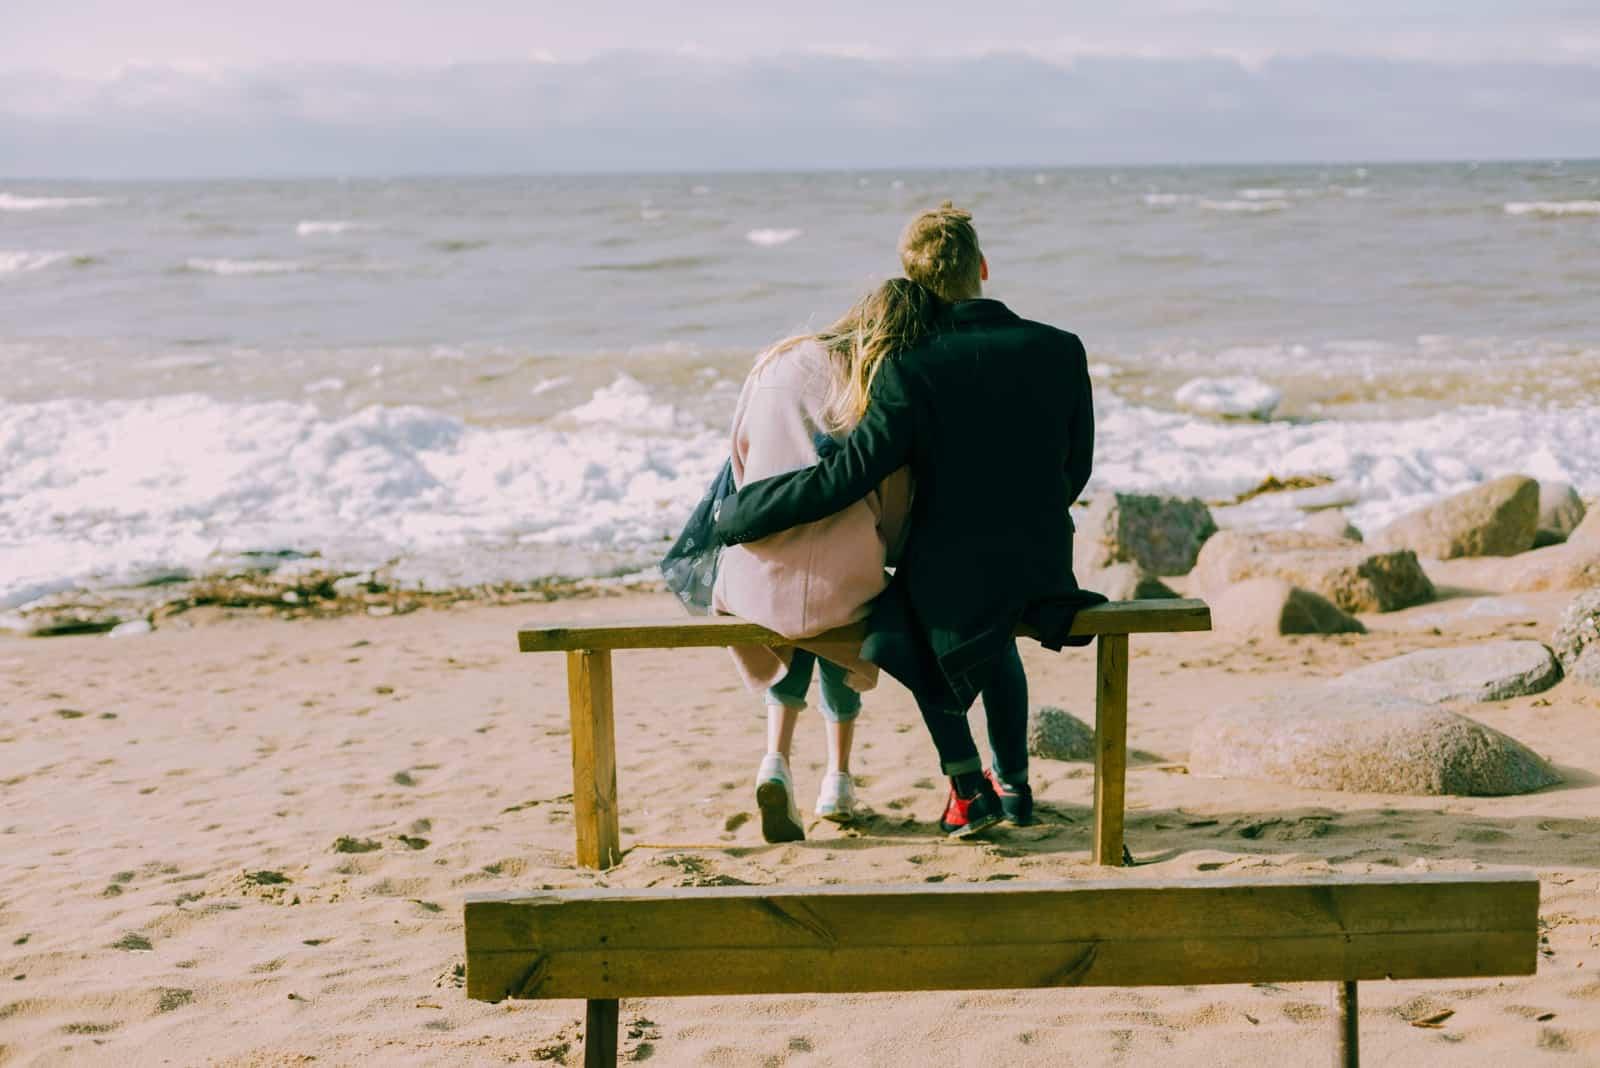 homme et femme s'embrassant assis sur un banc